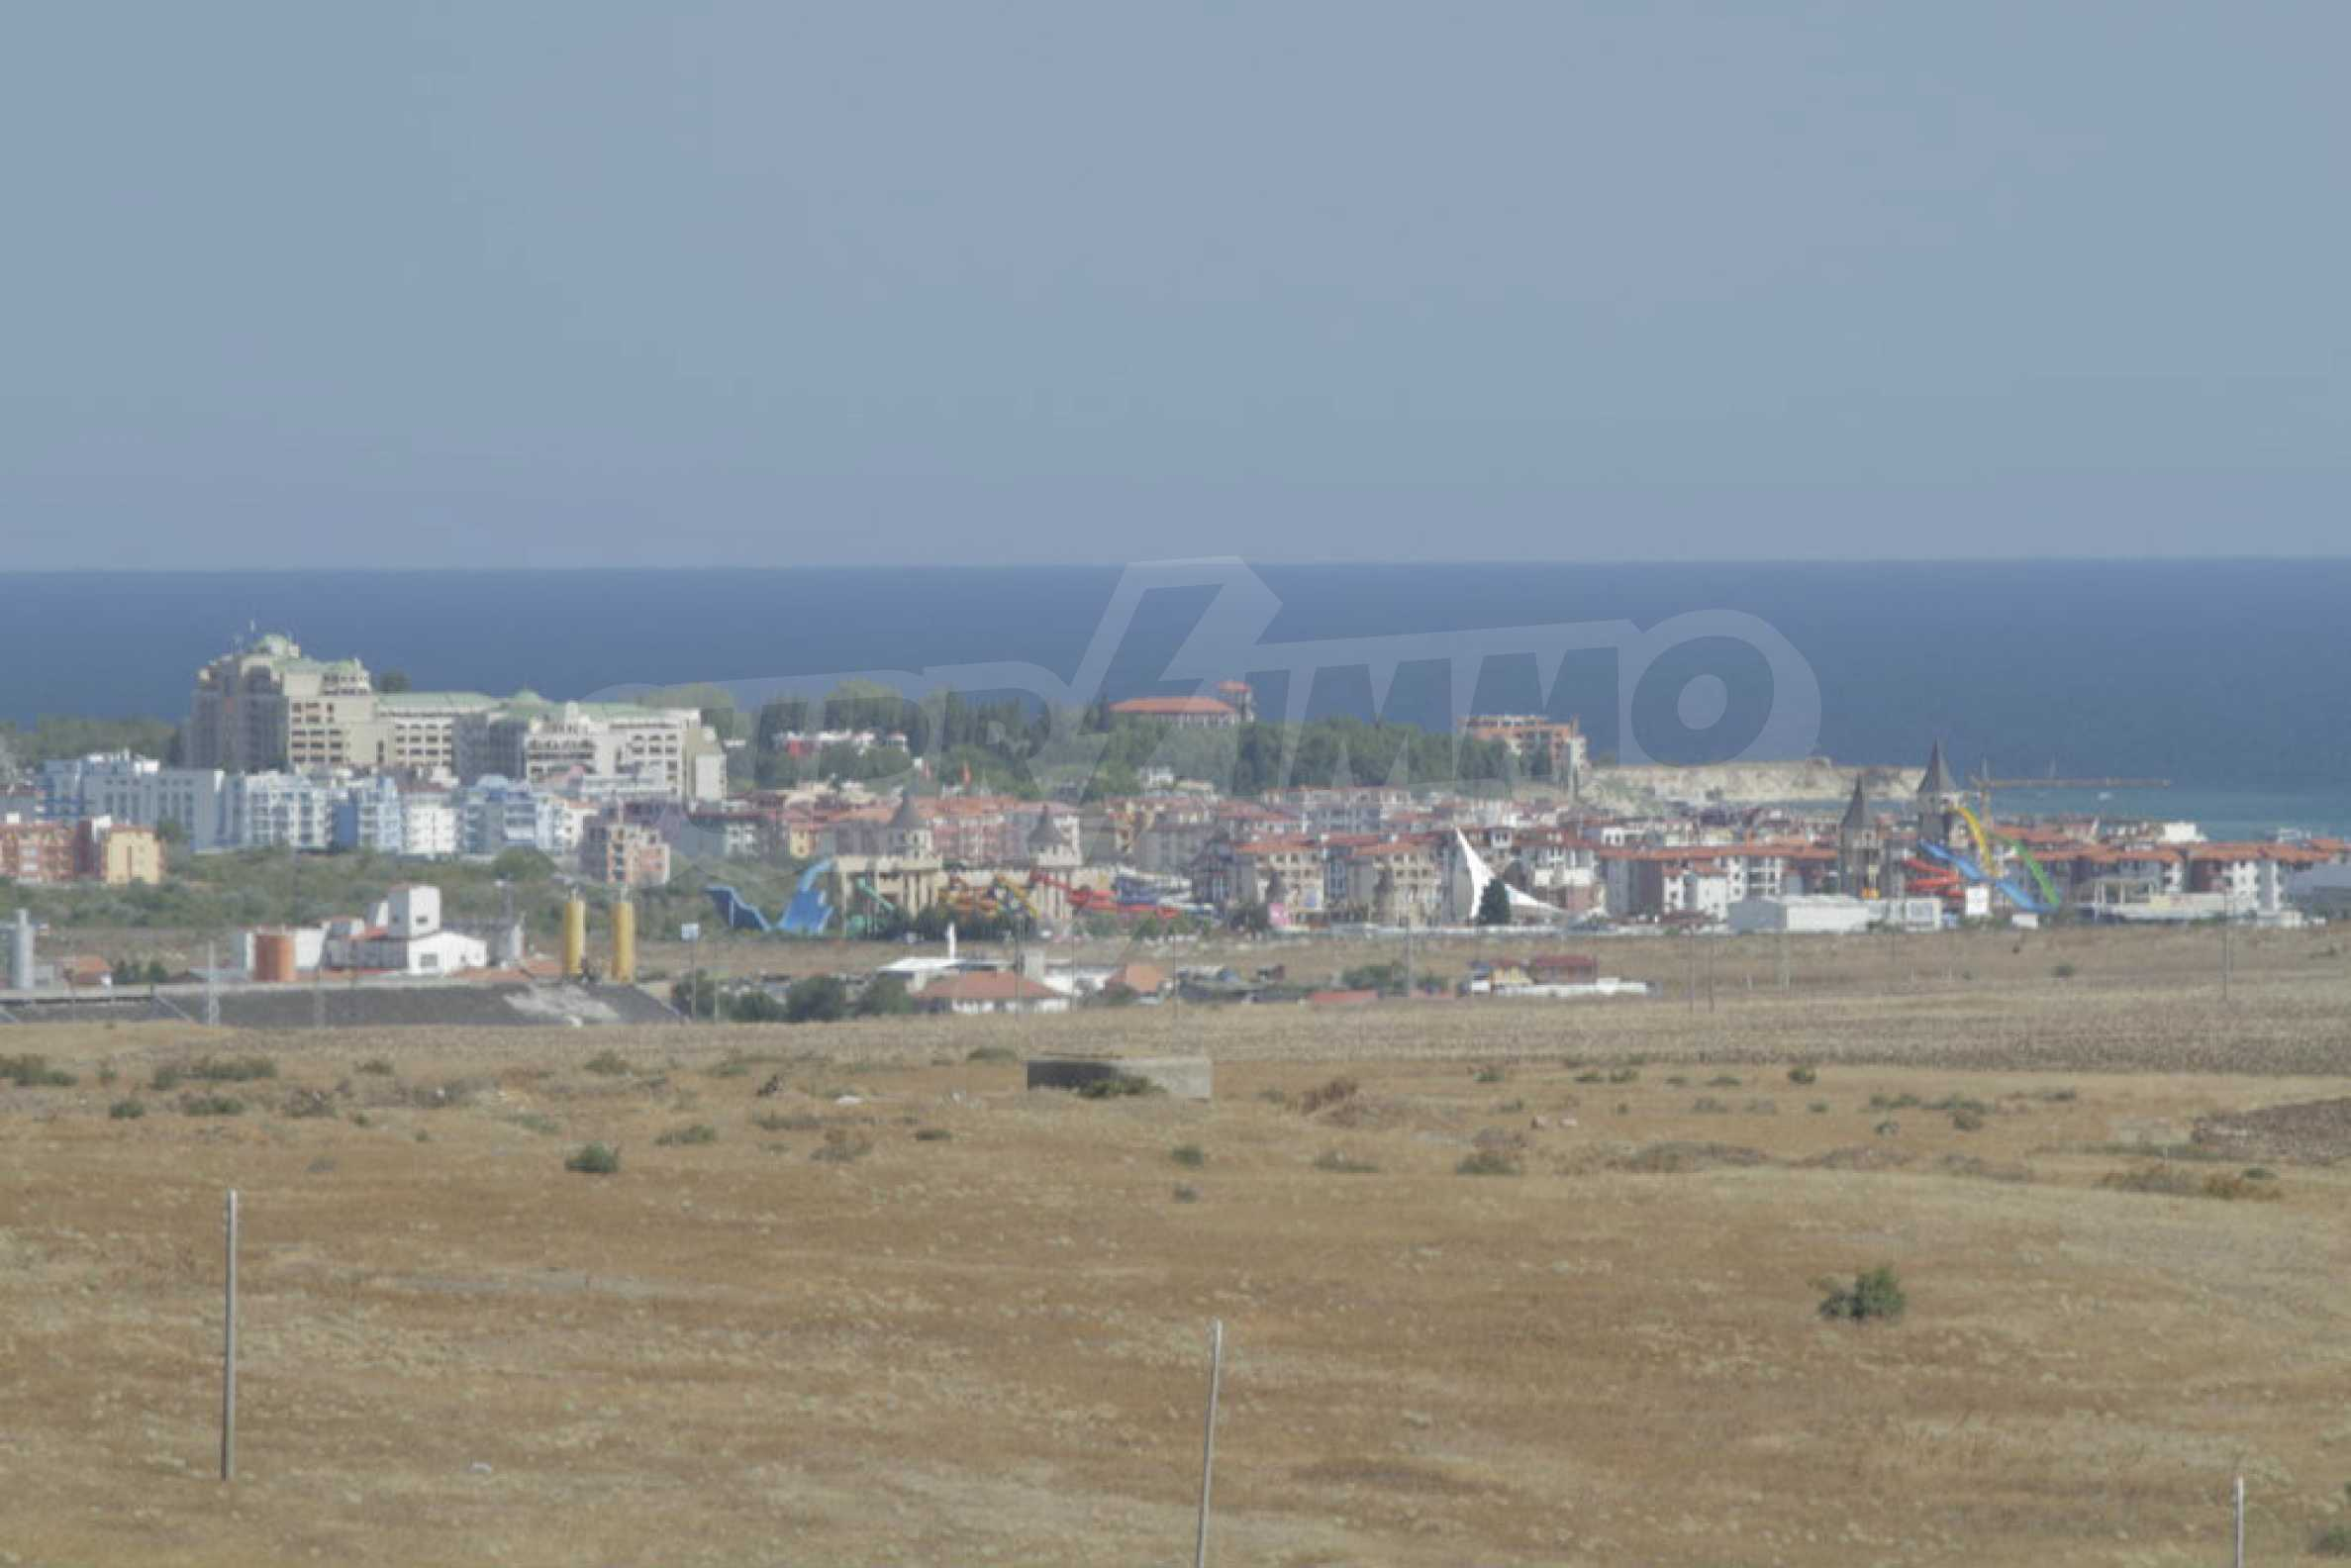 Парцел за инвестиция до исторически комплекс Ахелой 917, на няколко км от Слънчев бряг, до Тънково и Ахелой 21